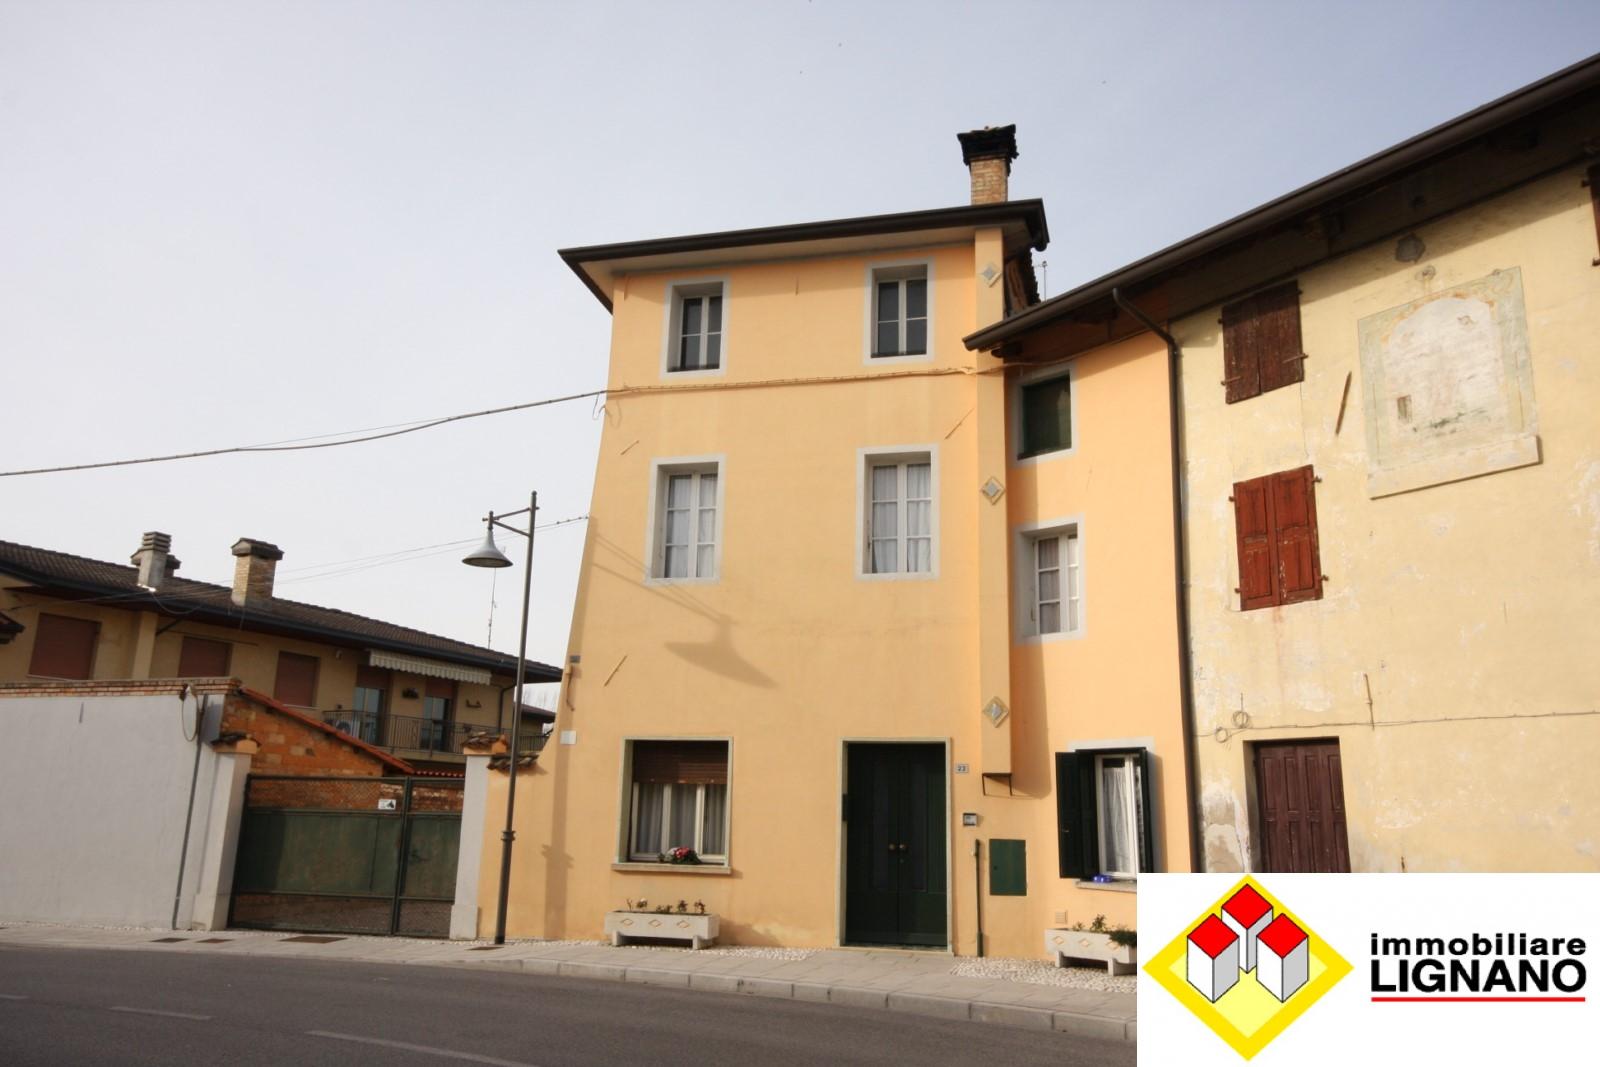 Soluzione Indipendente in vendita a Ronchis, 8 locali, prezzo € 95.000   Cambio Casa.it